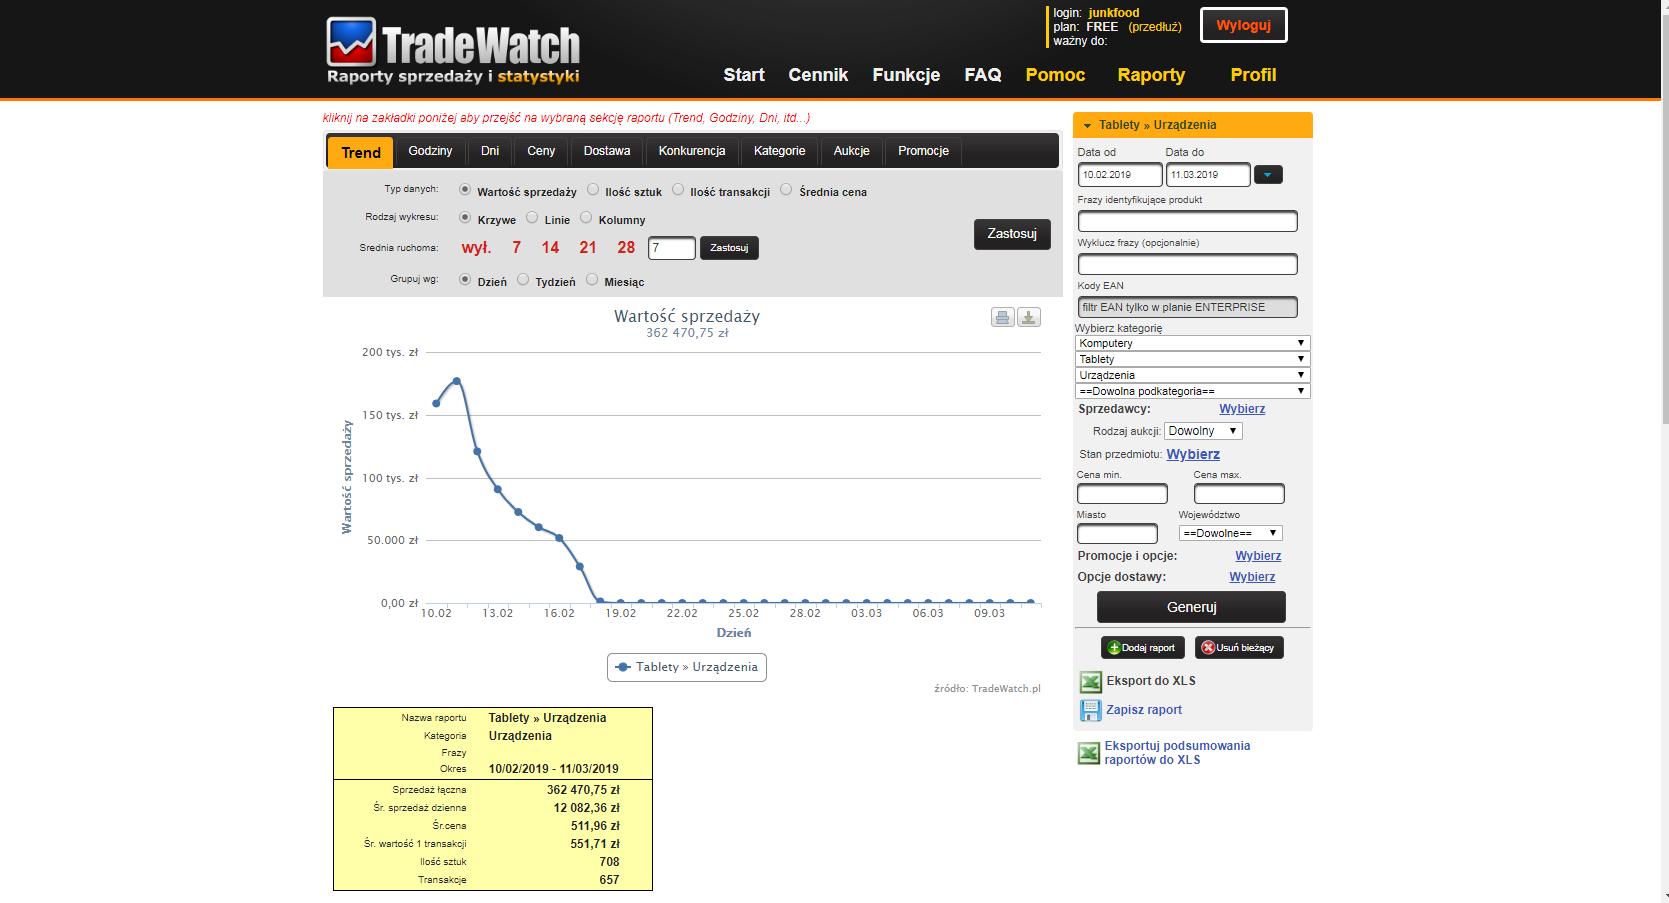 Tradewatch Czyli Jak Sprzedawac Skutecznie Blog